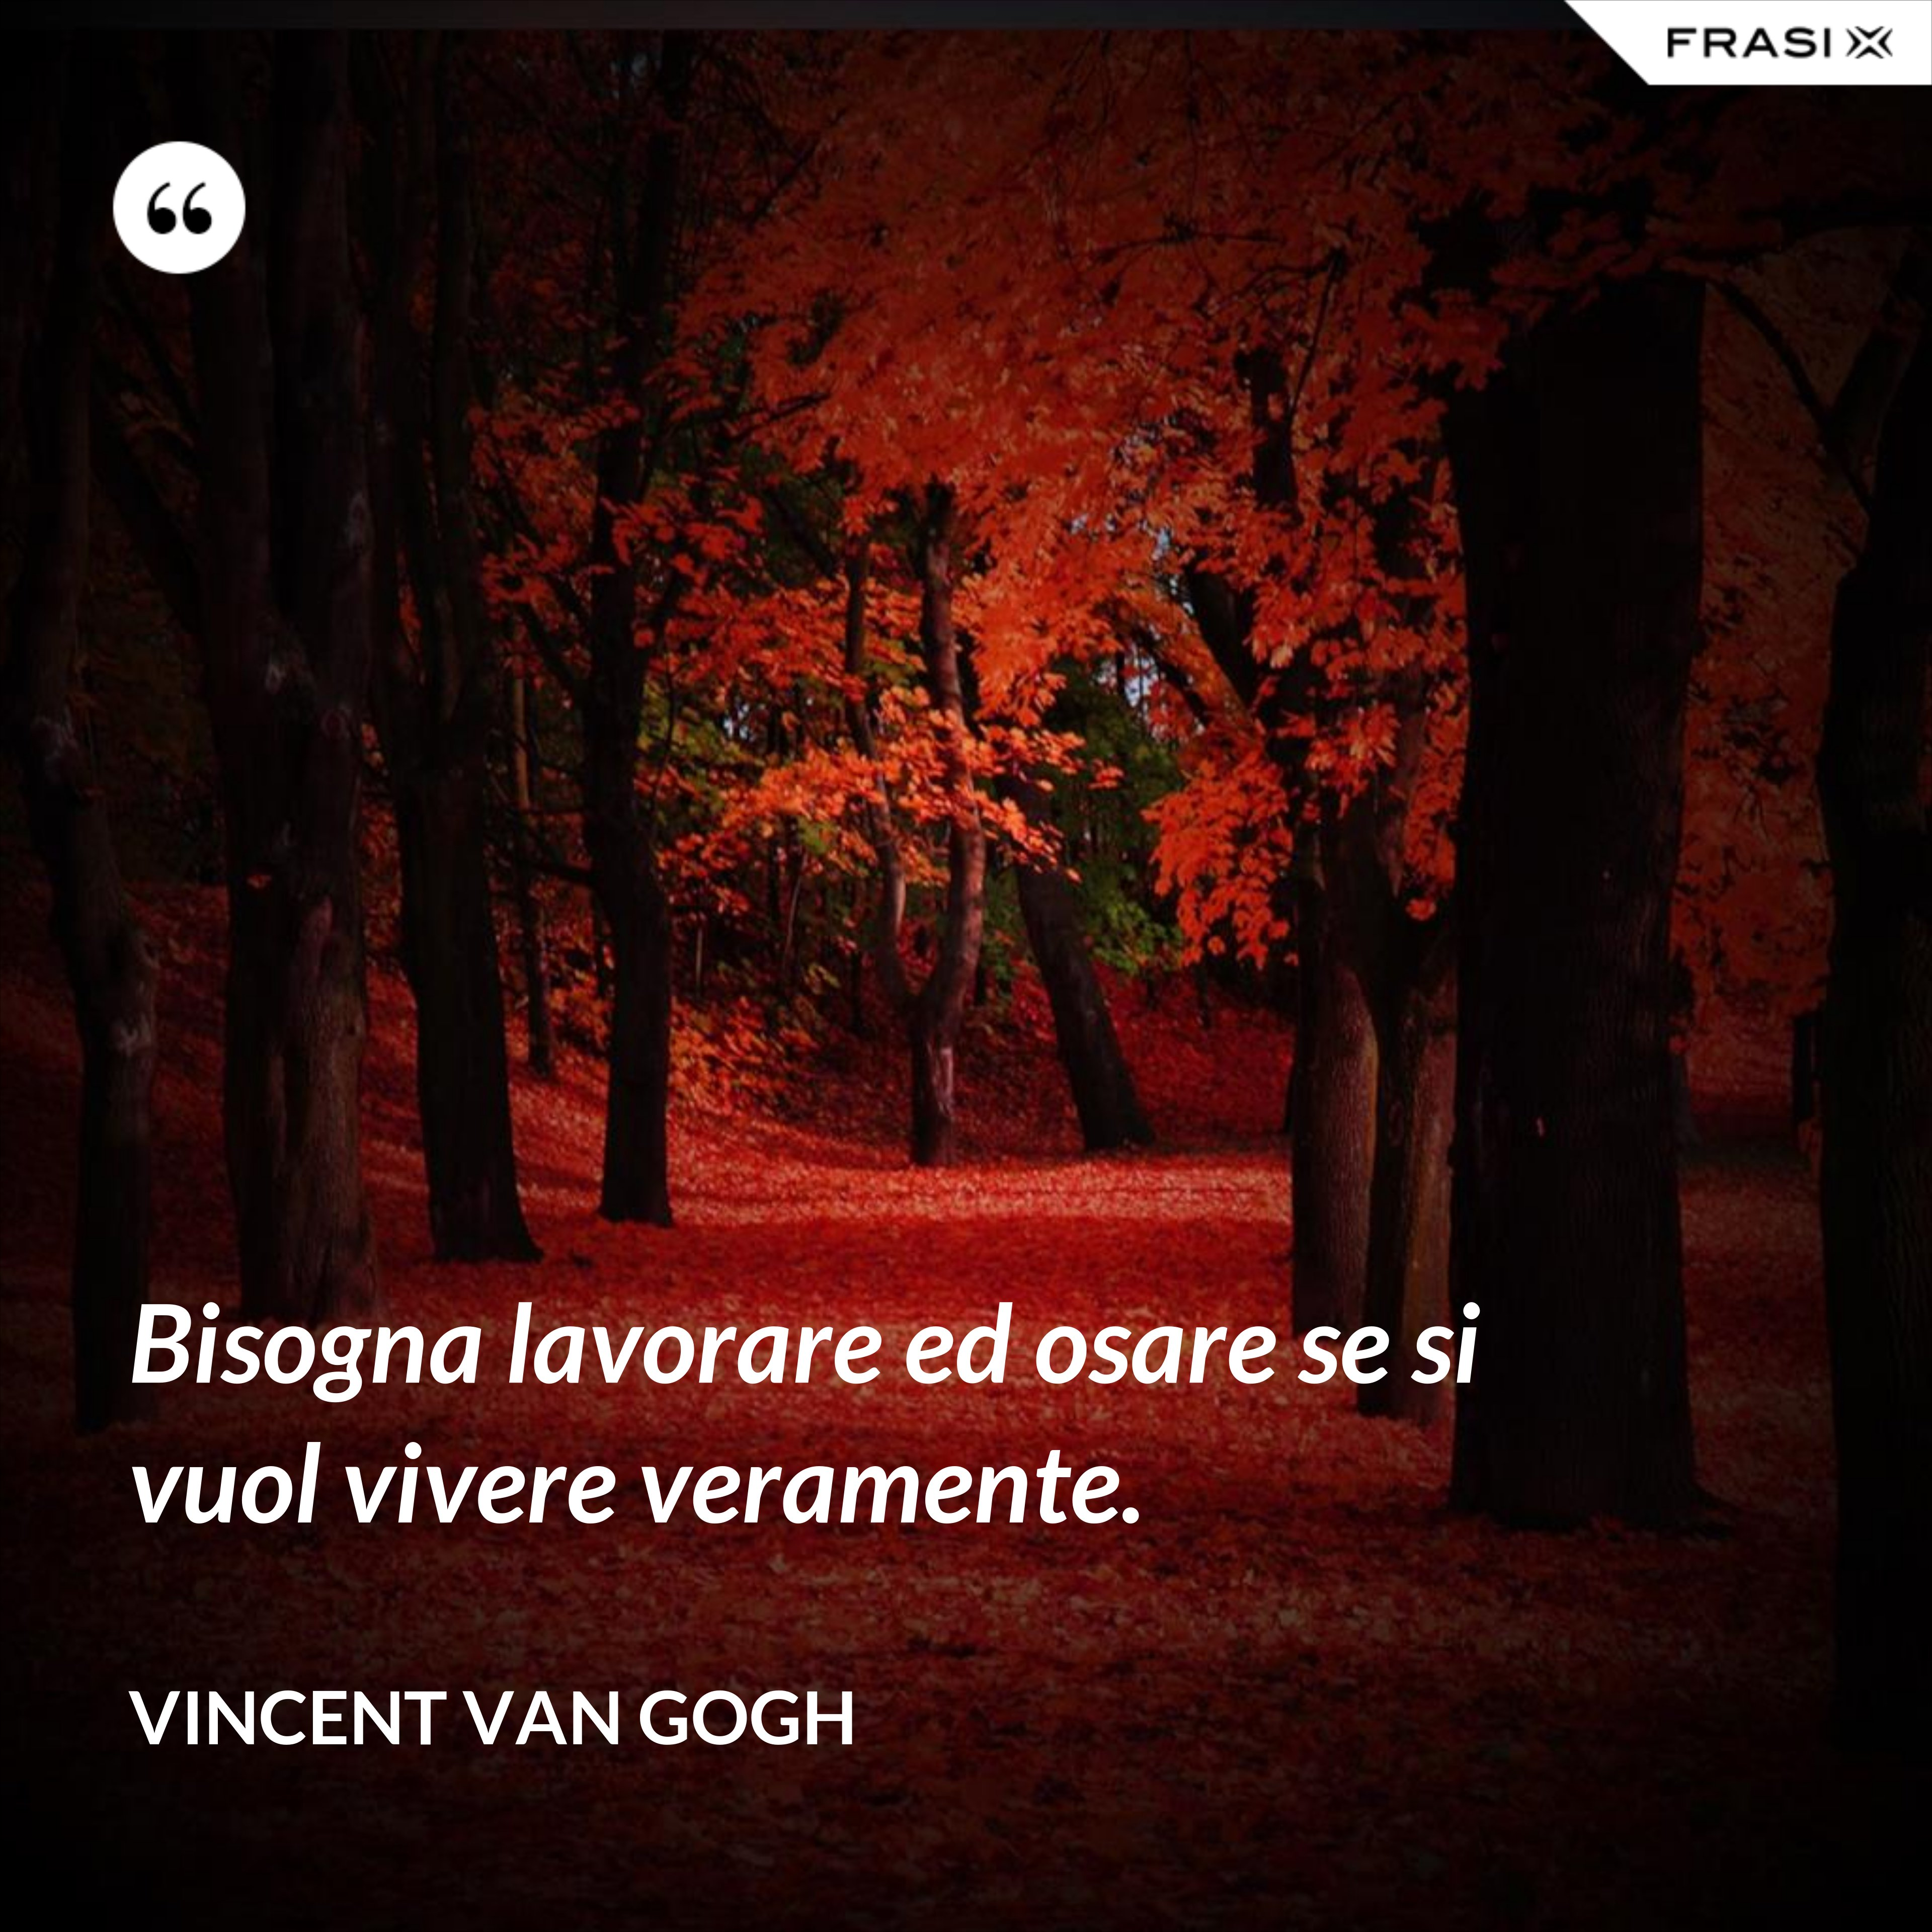 Bisogna lavorare ed osare se si vuol vivere veramente. - Vincent Van Gogh